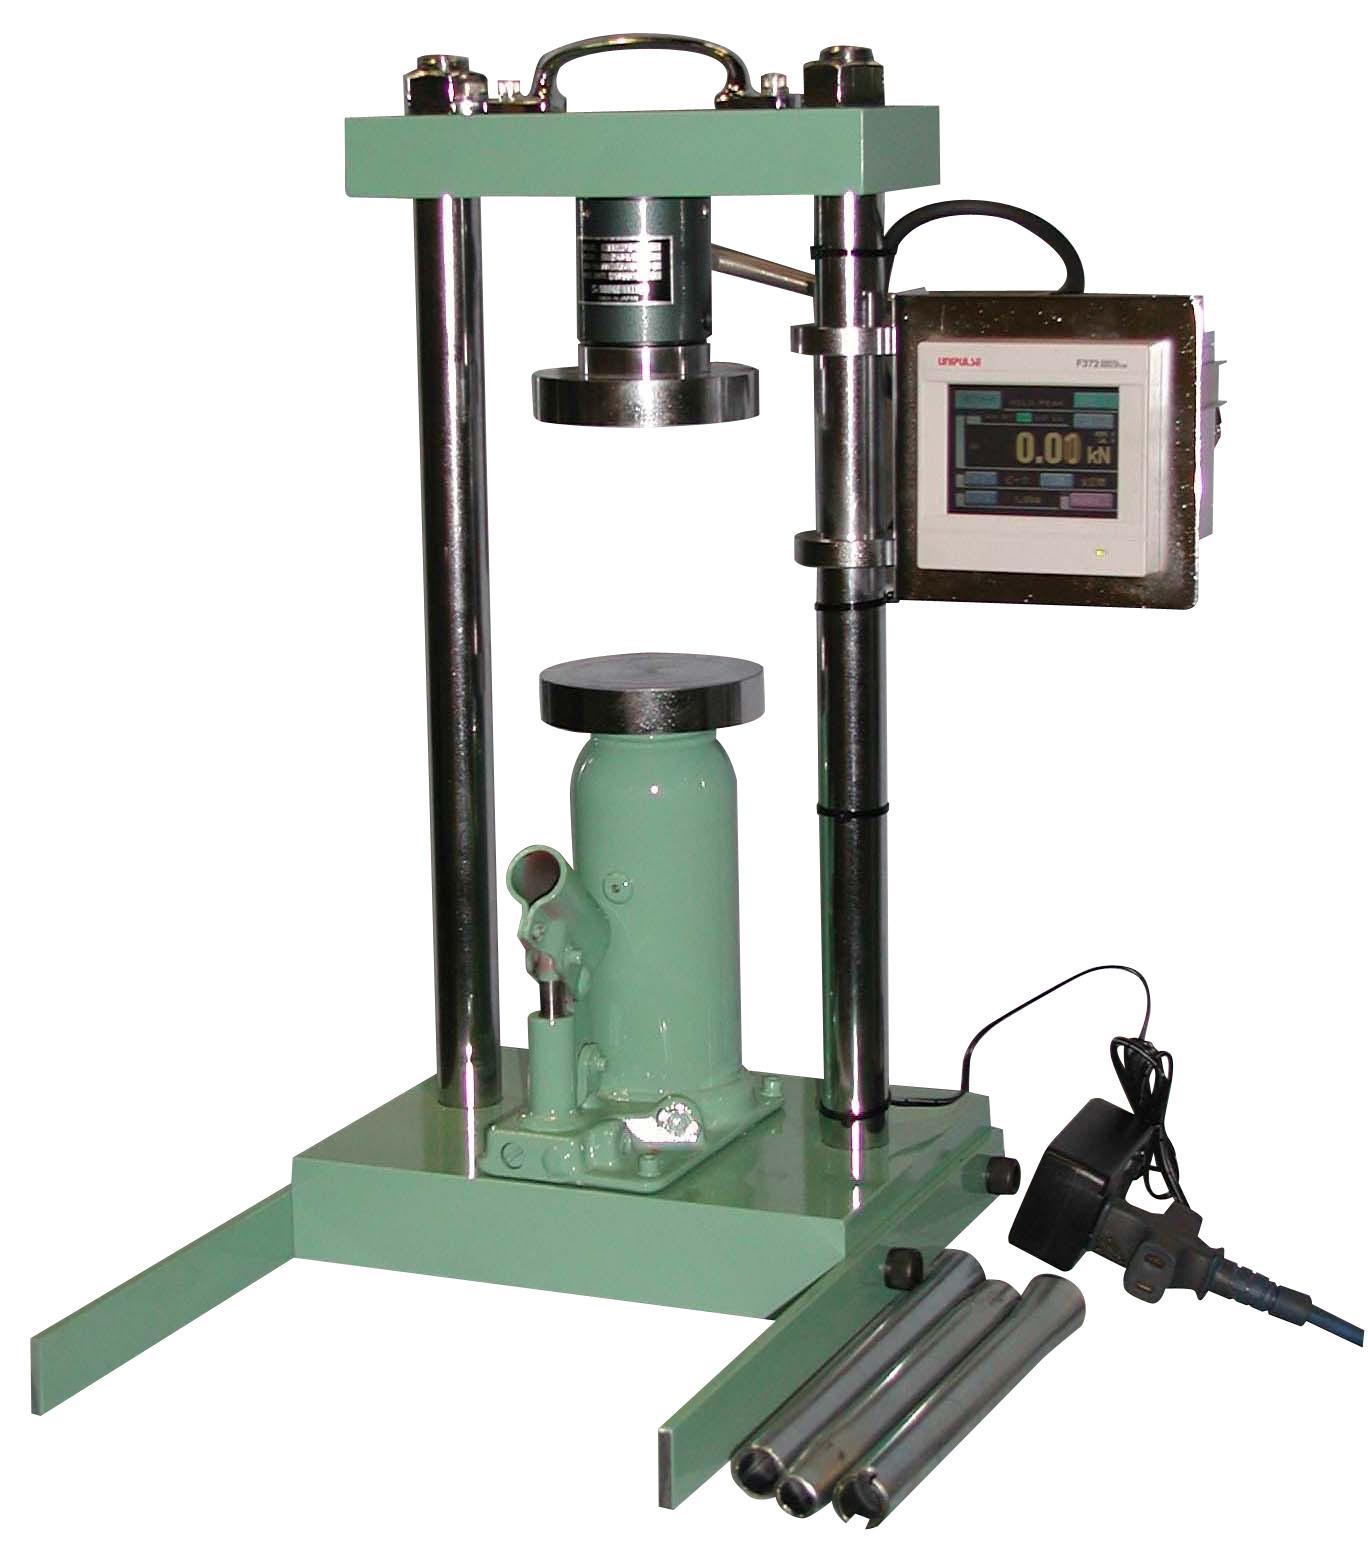 能力40kN簡易圧縮試験機